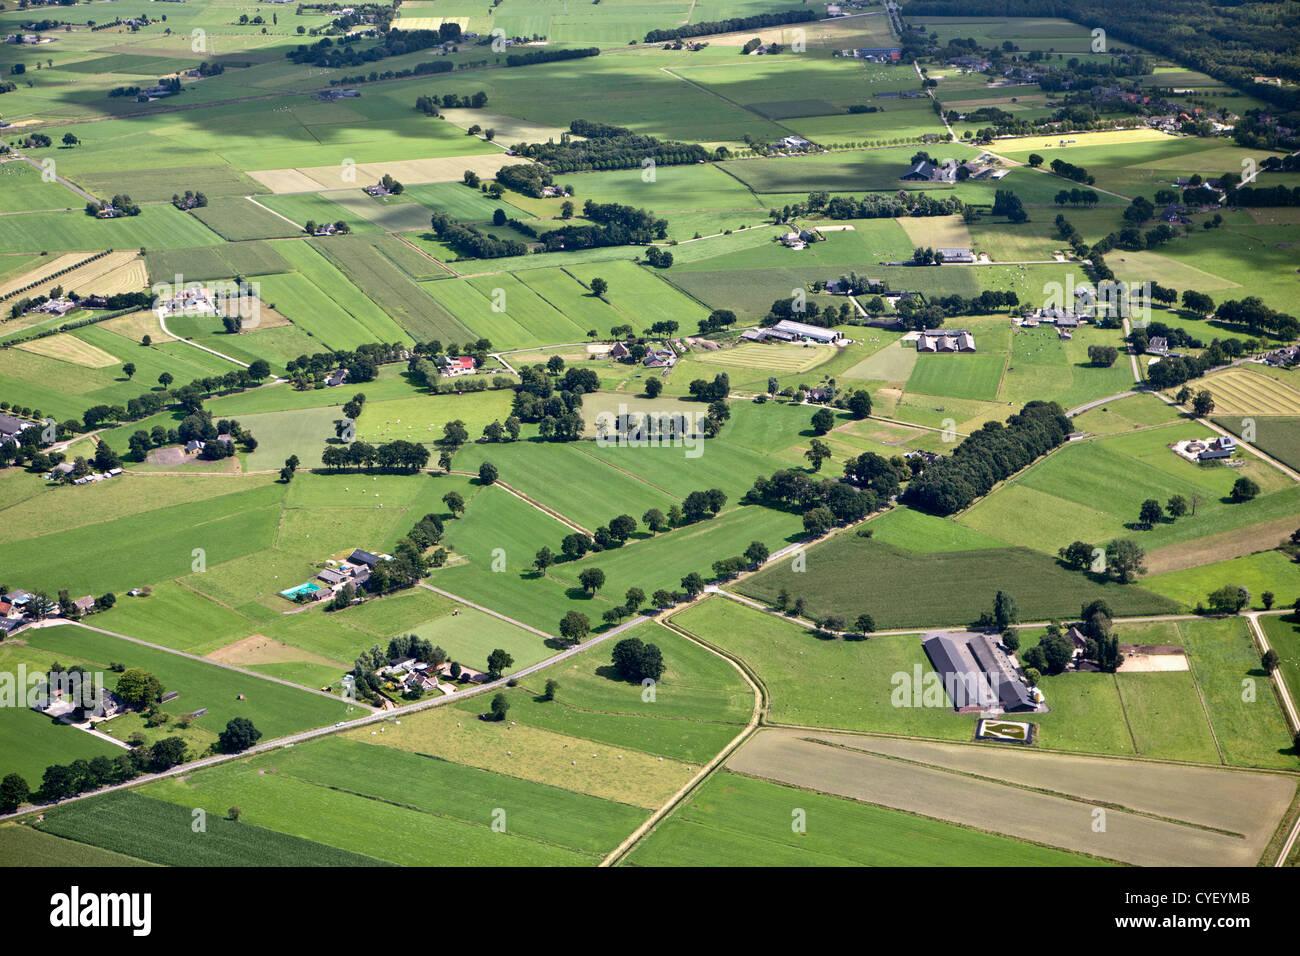 Les Pays-Bas, Eerbeek. De fermes et de terres agricoles. Vue aérienne. Photo Stock